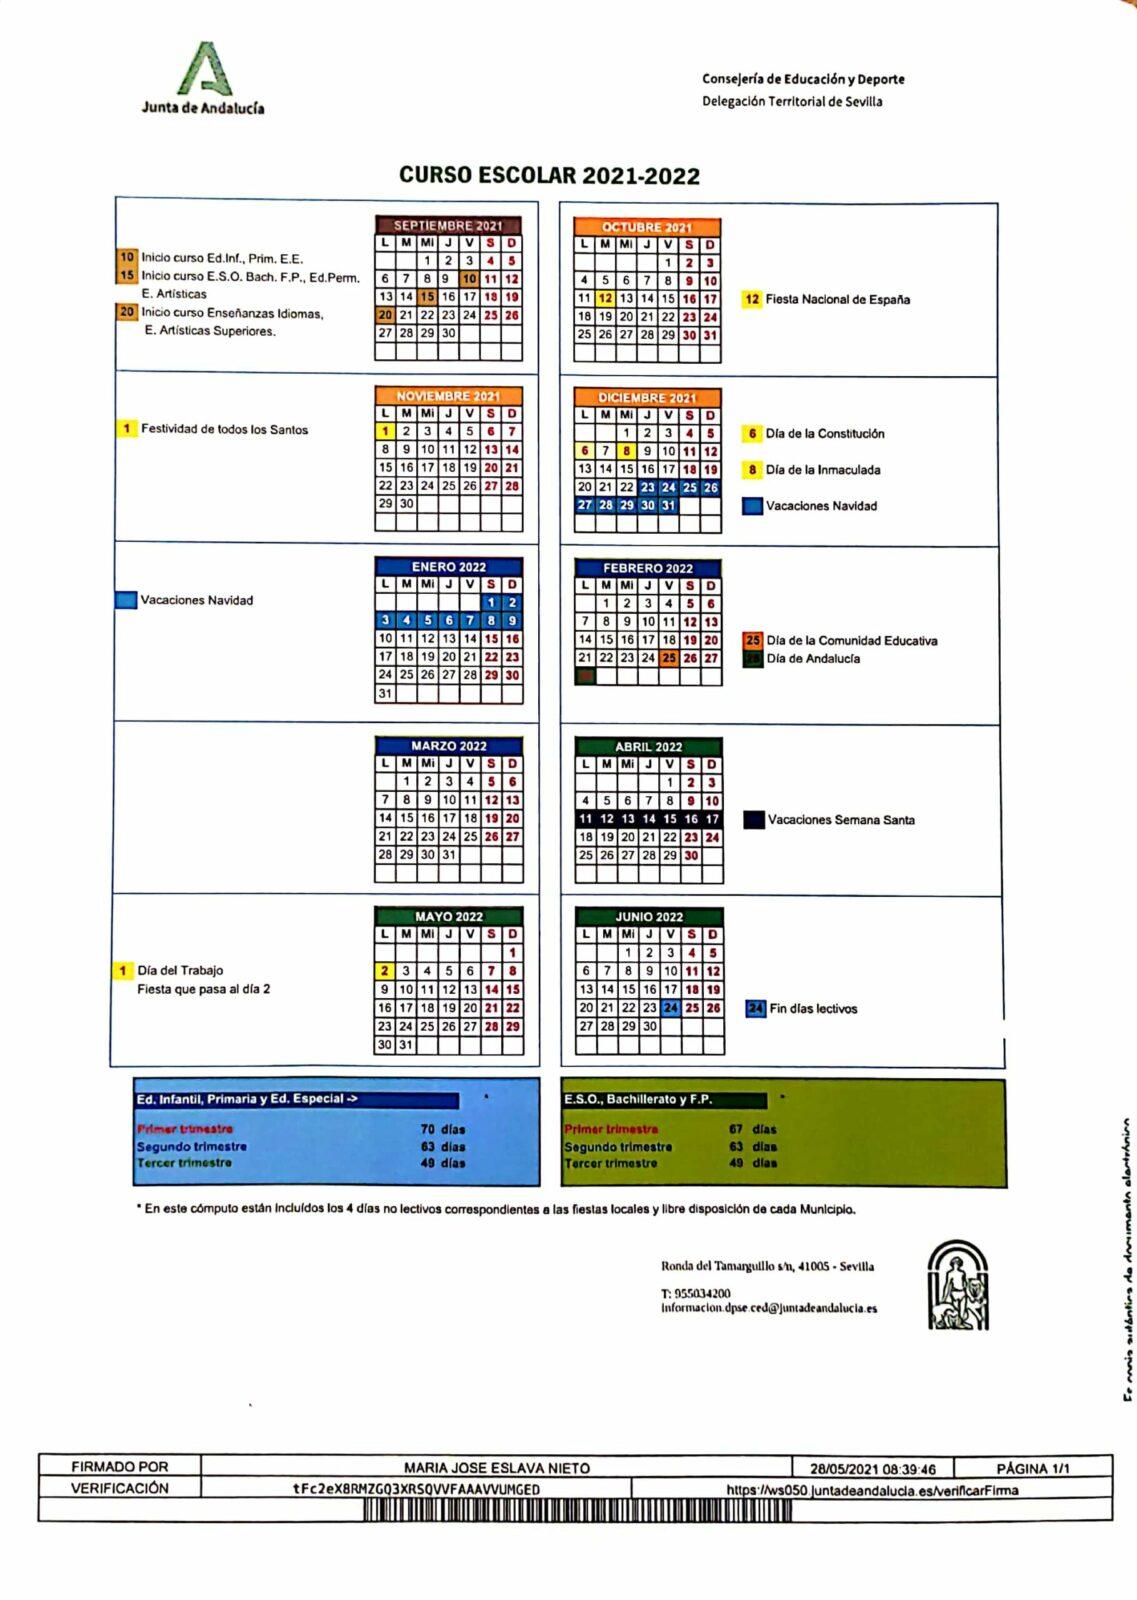 INFORMACIÓN COMIENZO CURSO 2021-22